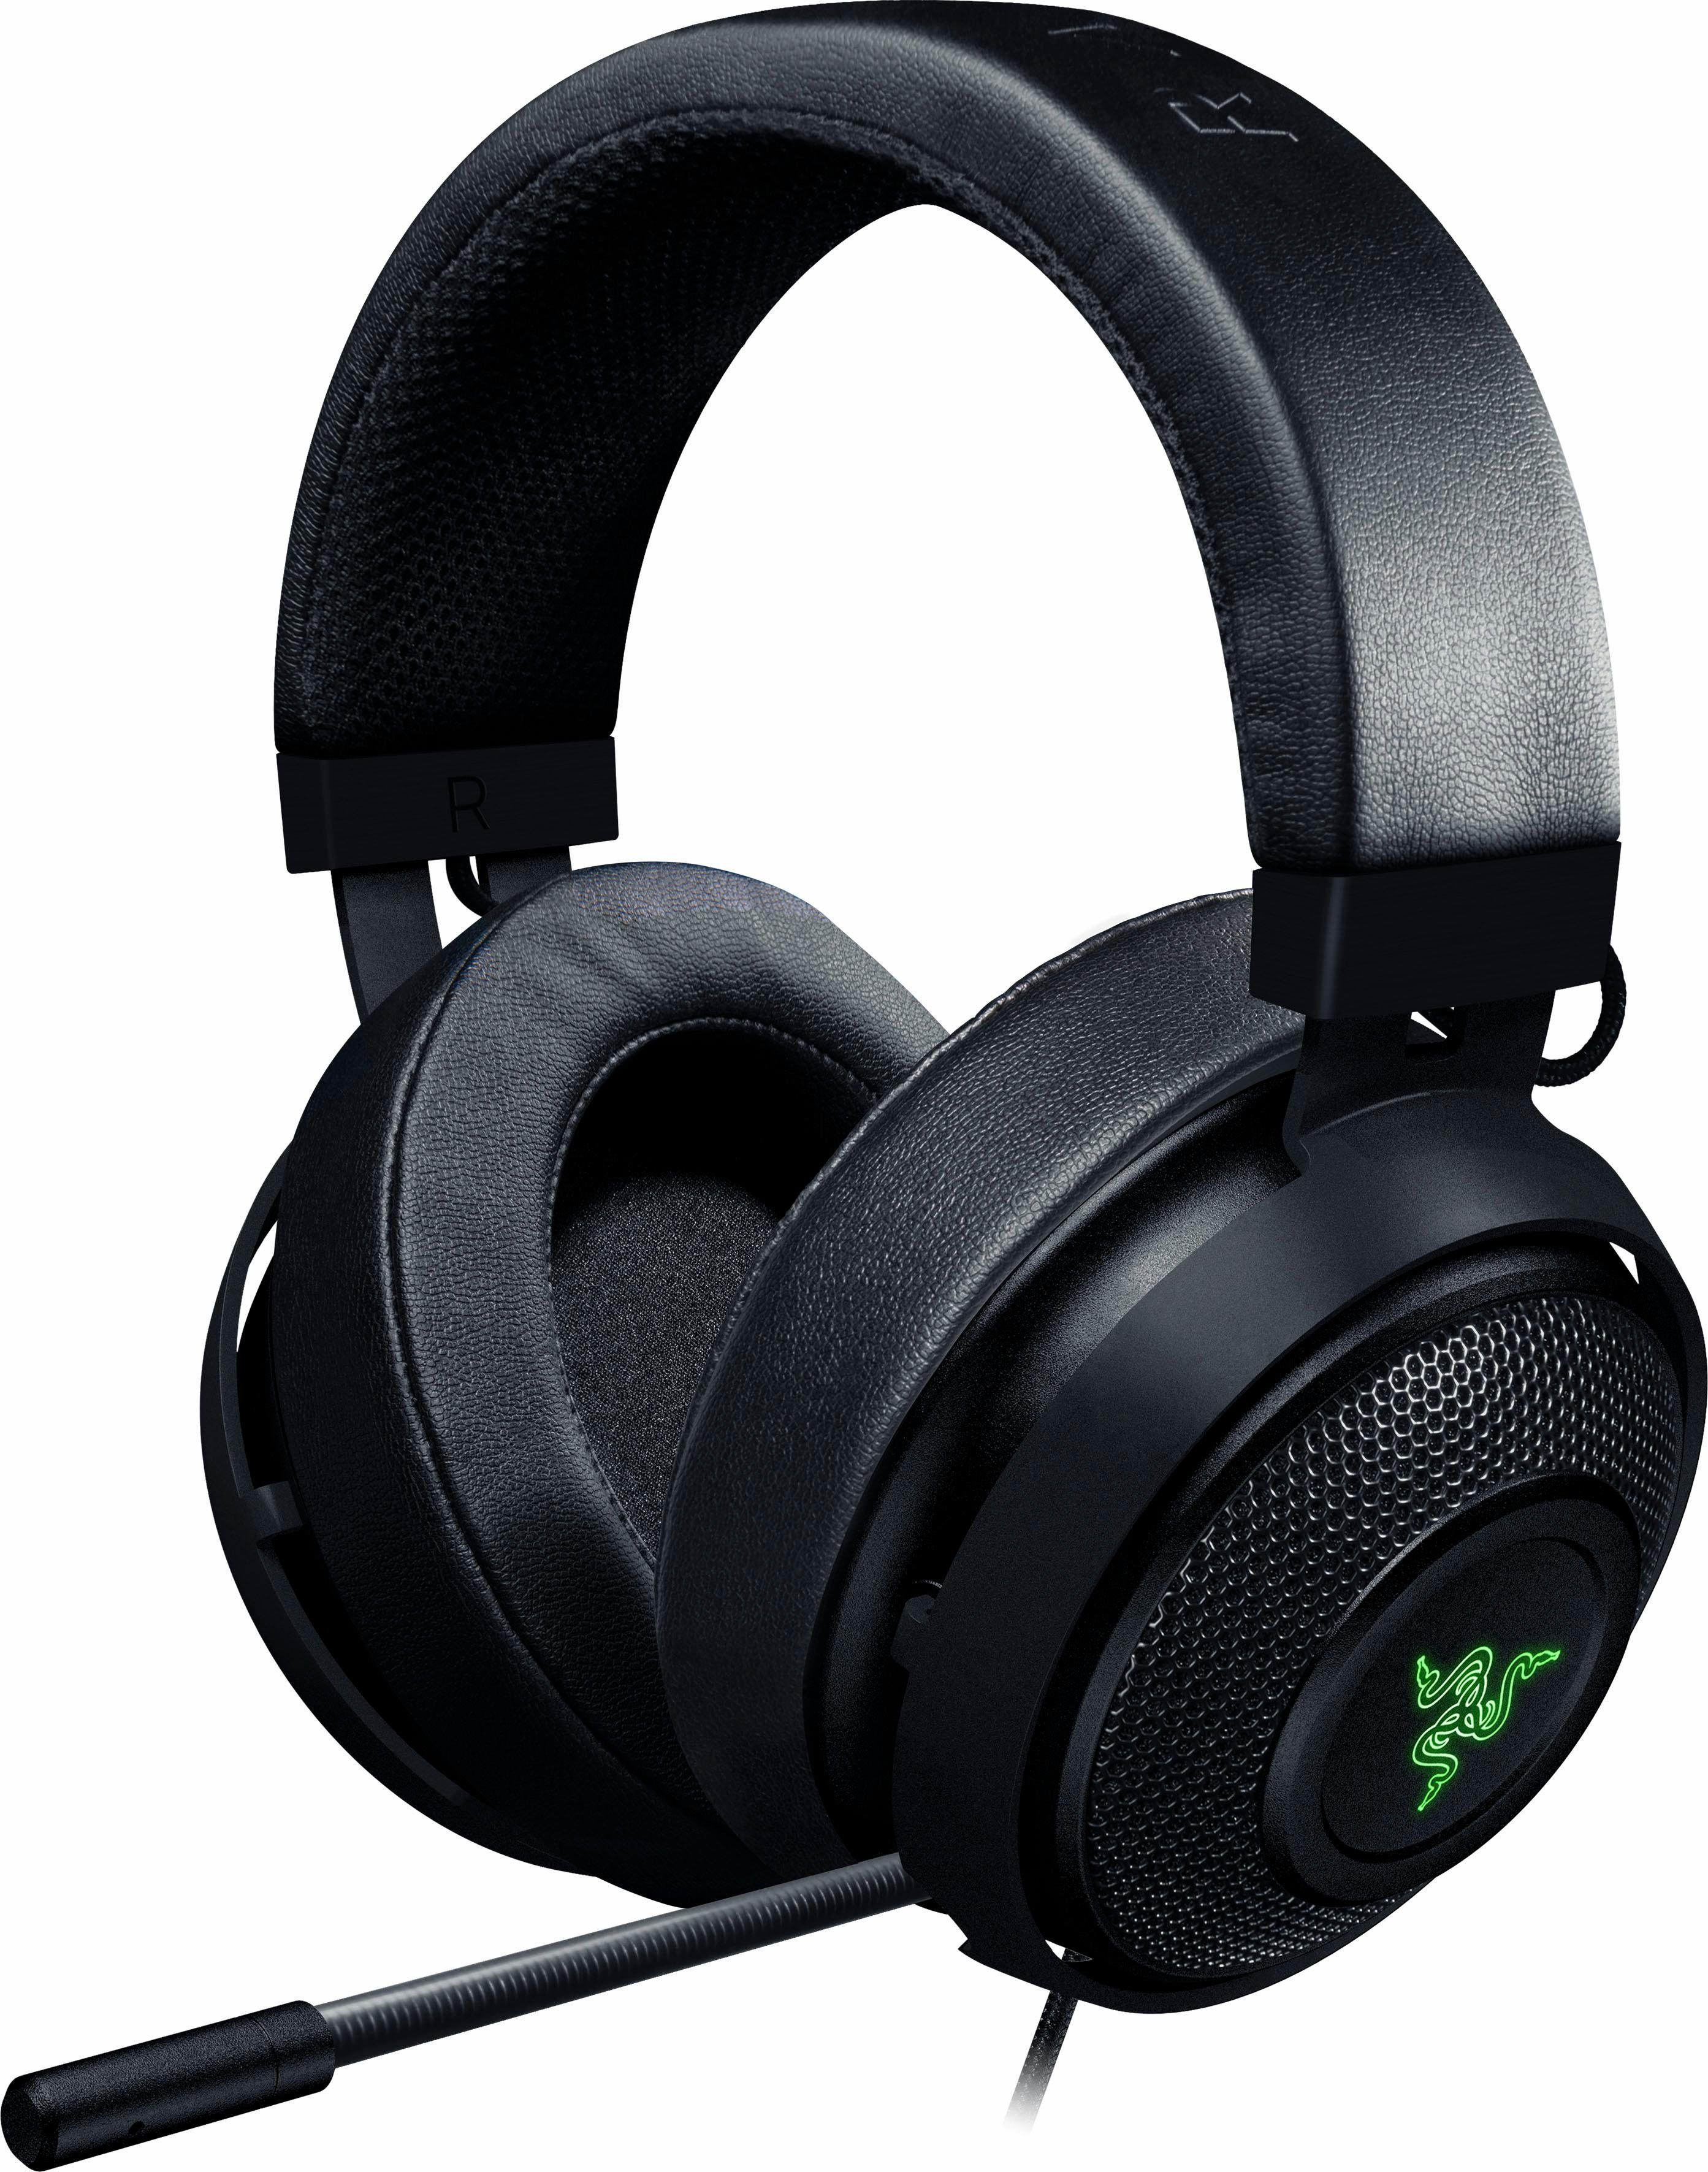 RAZER Kraken 7.1 V2 Oval Gaming Headset